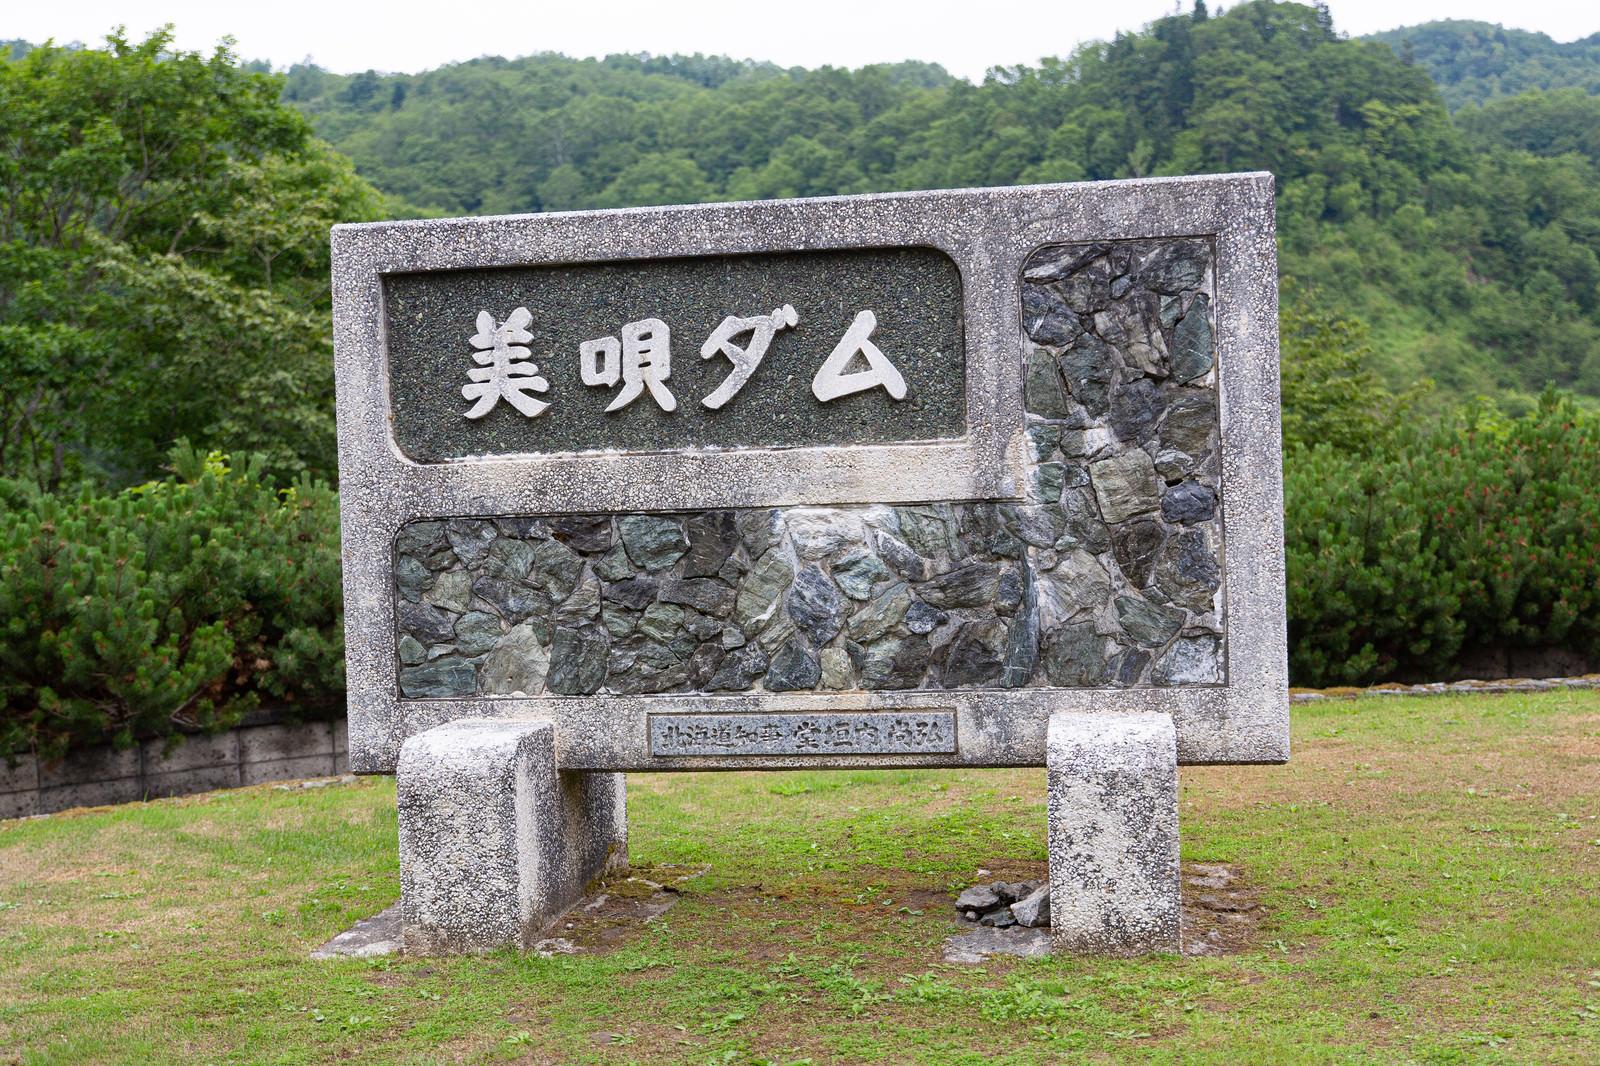 「美唄ダムと書かれた石碑」の写真